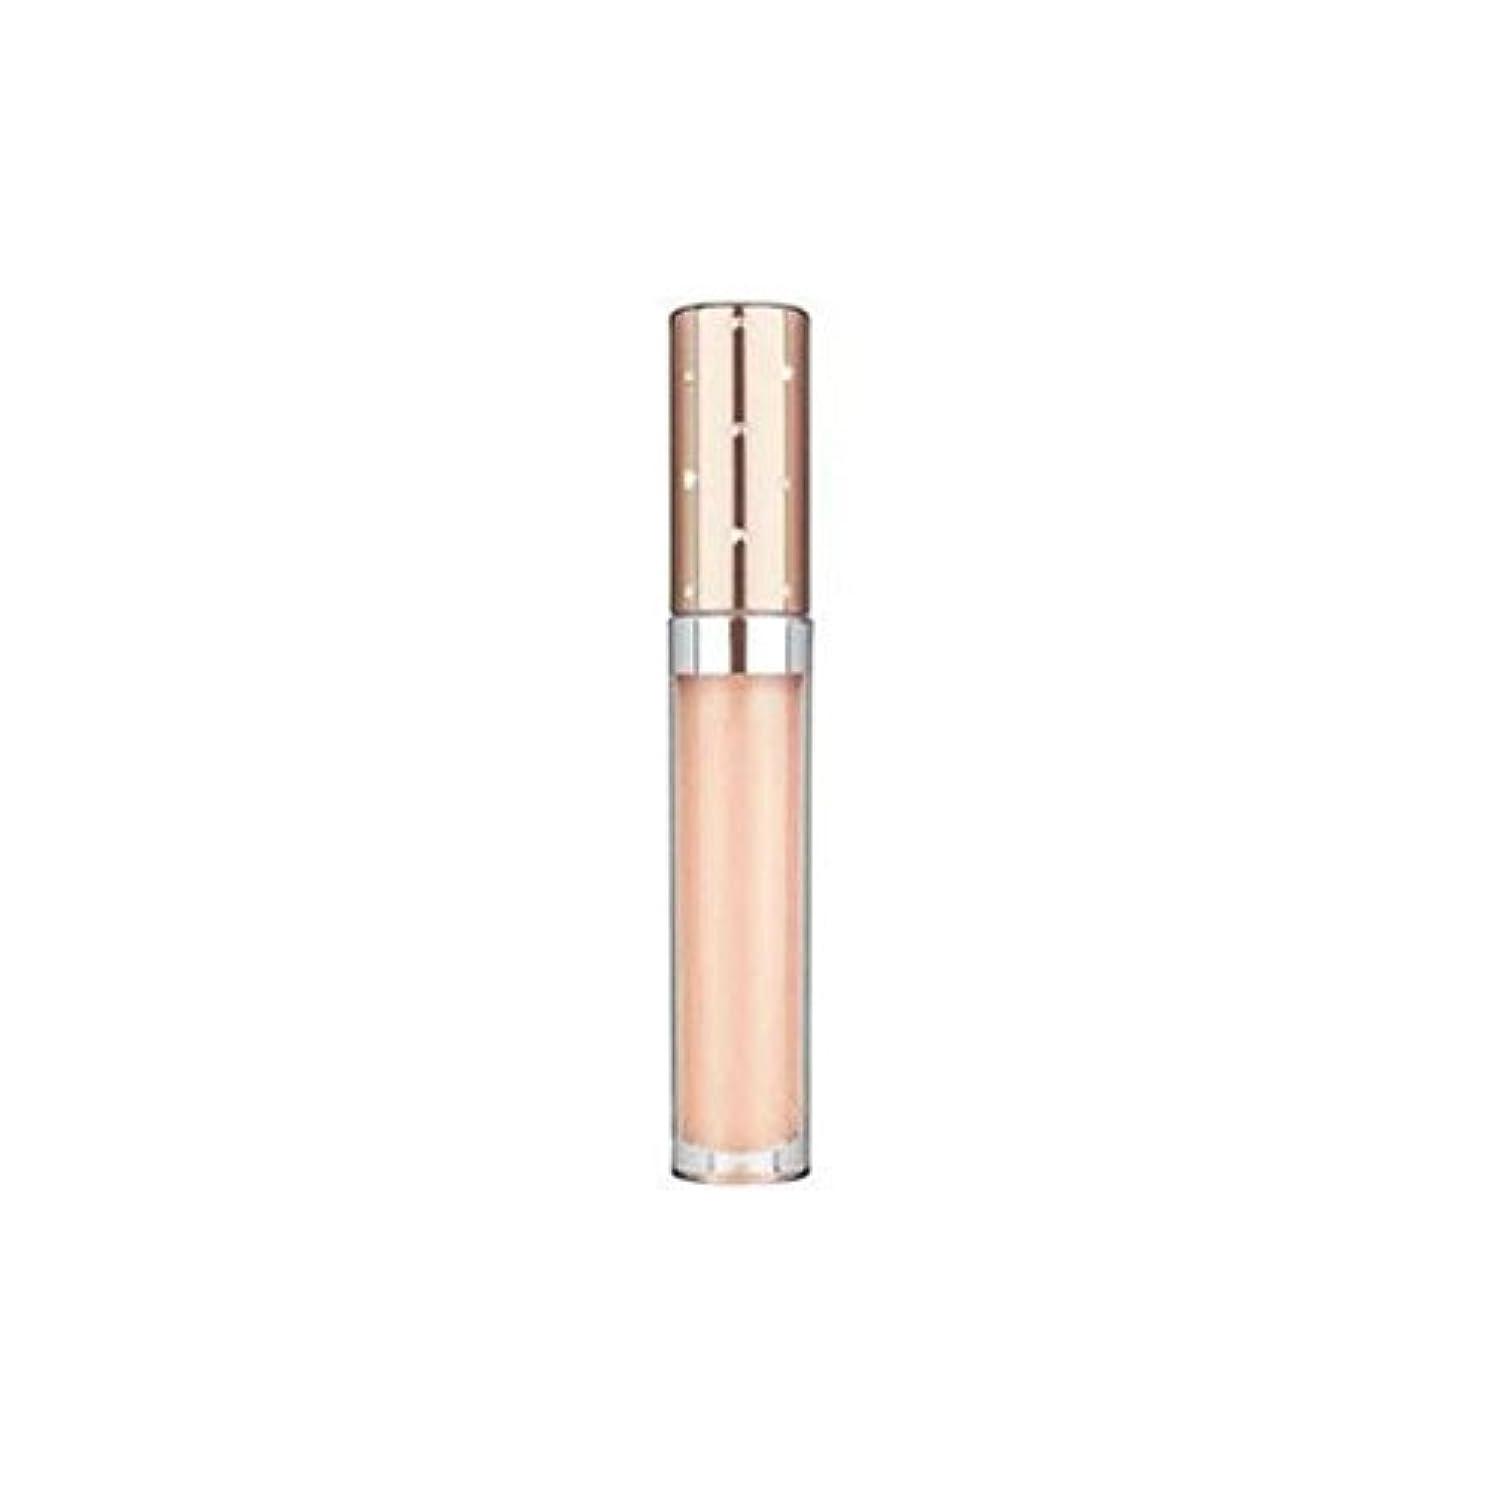 一流ガレージコーナーインスタントリップパーフェクション15(5ミリリットル) x4 - Nubo Instant Lip Perfection Spf15 (5ml) (Pack of 4) [並行輸入品]